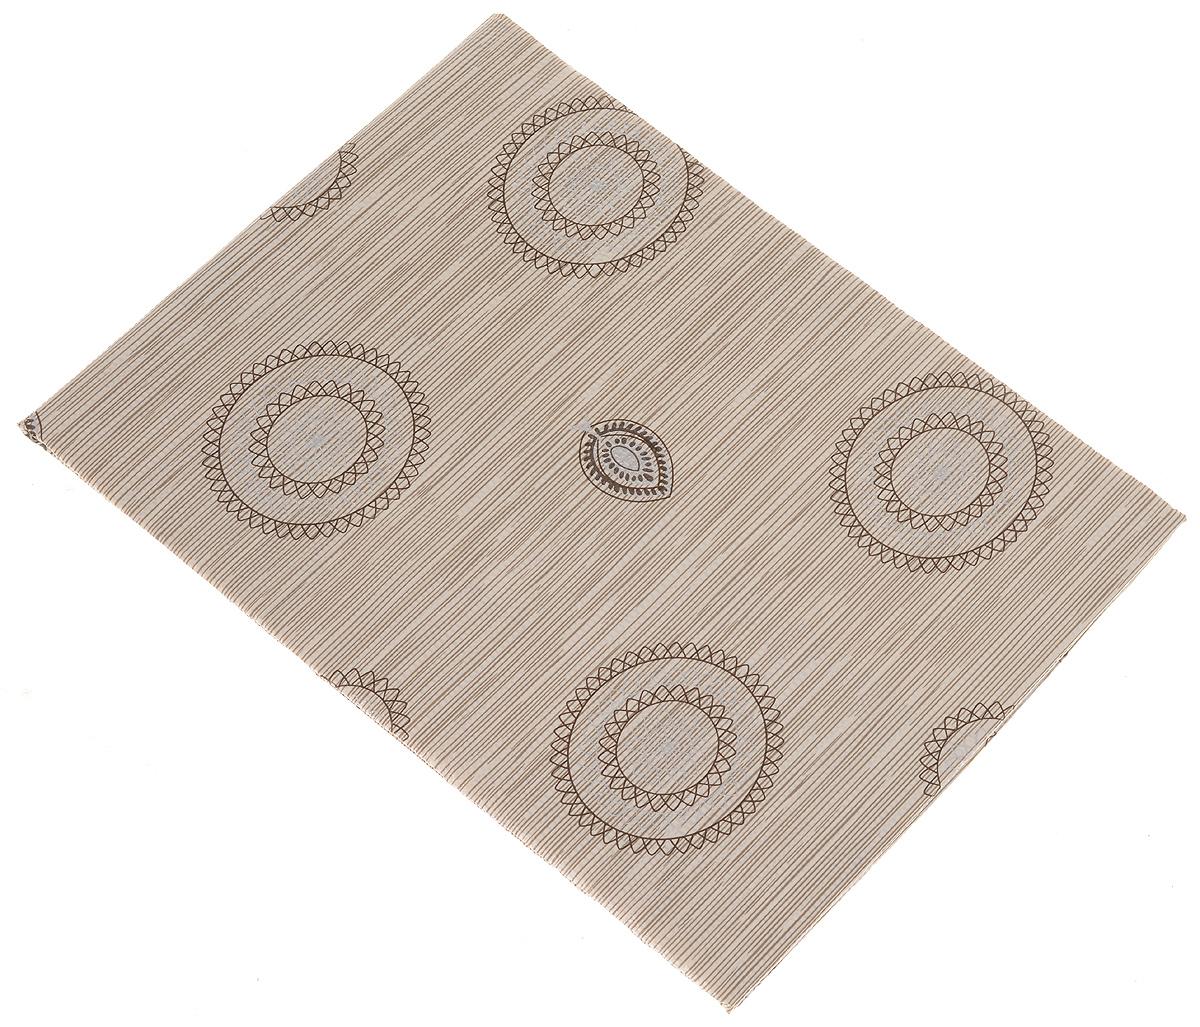 Скатерть изготовлена по новейшей технологии: выполнена из ПВХ с текстурной  поверхностью и печатным рисунком, основание скатерти - противоскользящая  ПВХ-сетка. Скатерть легкая, но в тоже время она не скользит на гладкой  поверхности стола. Дизайн в приятных тонах в сочетании с ажурной каймой по  краю позволяют изделию стать дополнением любого интерьера. Толщина  изделия 0,07 мм, плотность основы 130 гр/м2.Скатерть устойчива к  загрязнениям и влаге, легко моется и быстро сохнет. Рекомендации по  уходу: рекомендуется мыть с лицевой стороны с применением мягких моющих средств,  не гладить, не стирать, не подвергать химической чистке, не использовать хлоросодержащие отбеливатели, не чистить абразивными материалами.